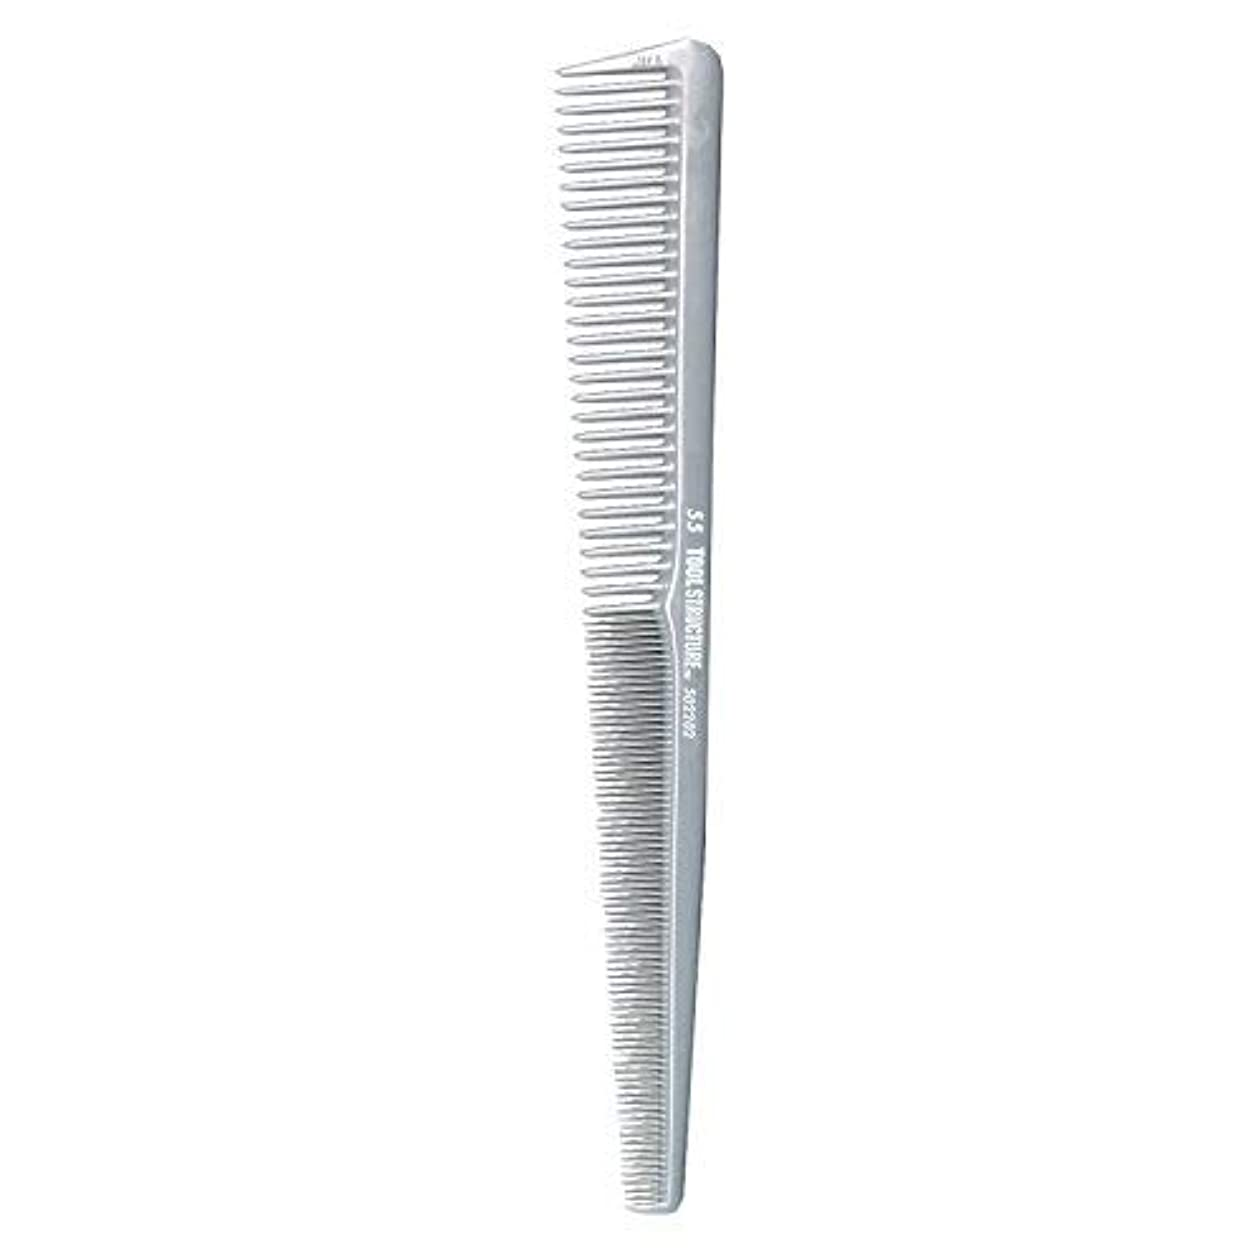 くちばし水分干ばつTool Structure Barber Comb #55 [並行輸入品]